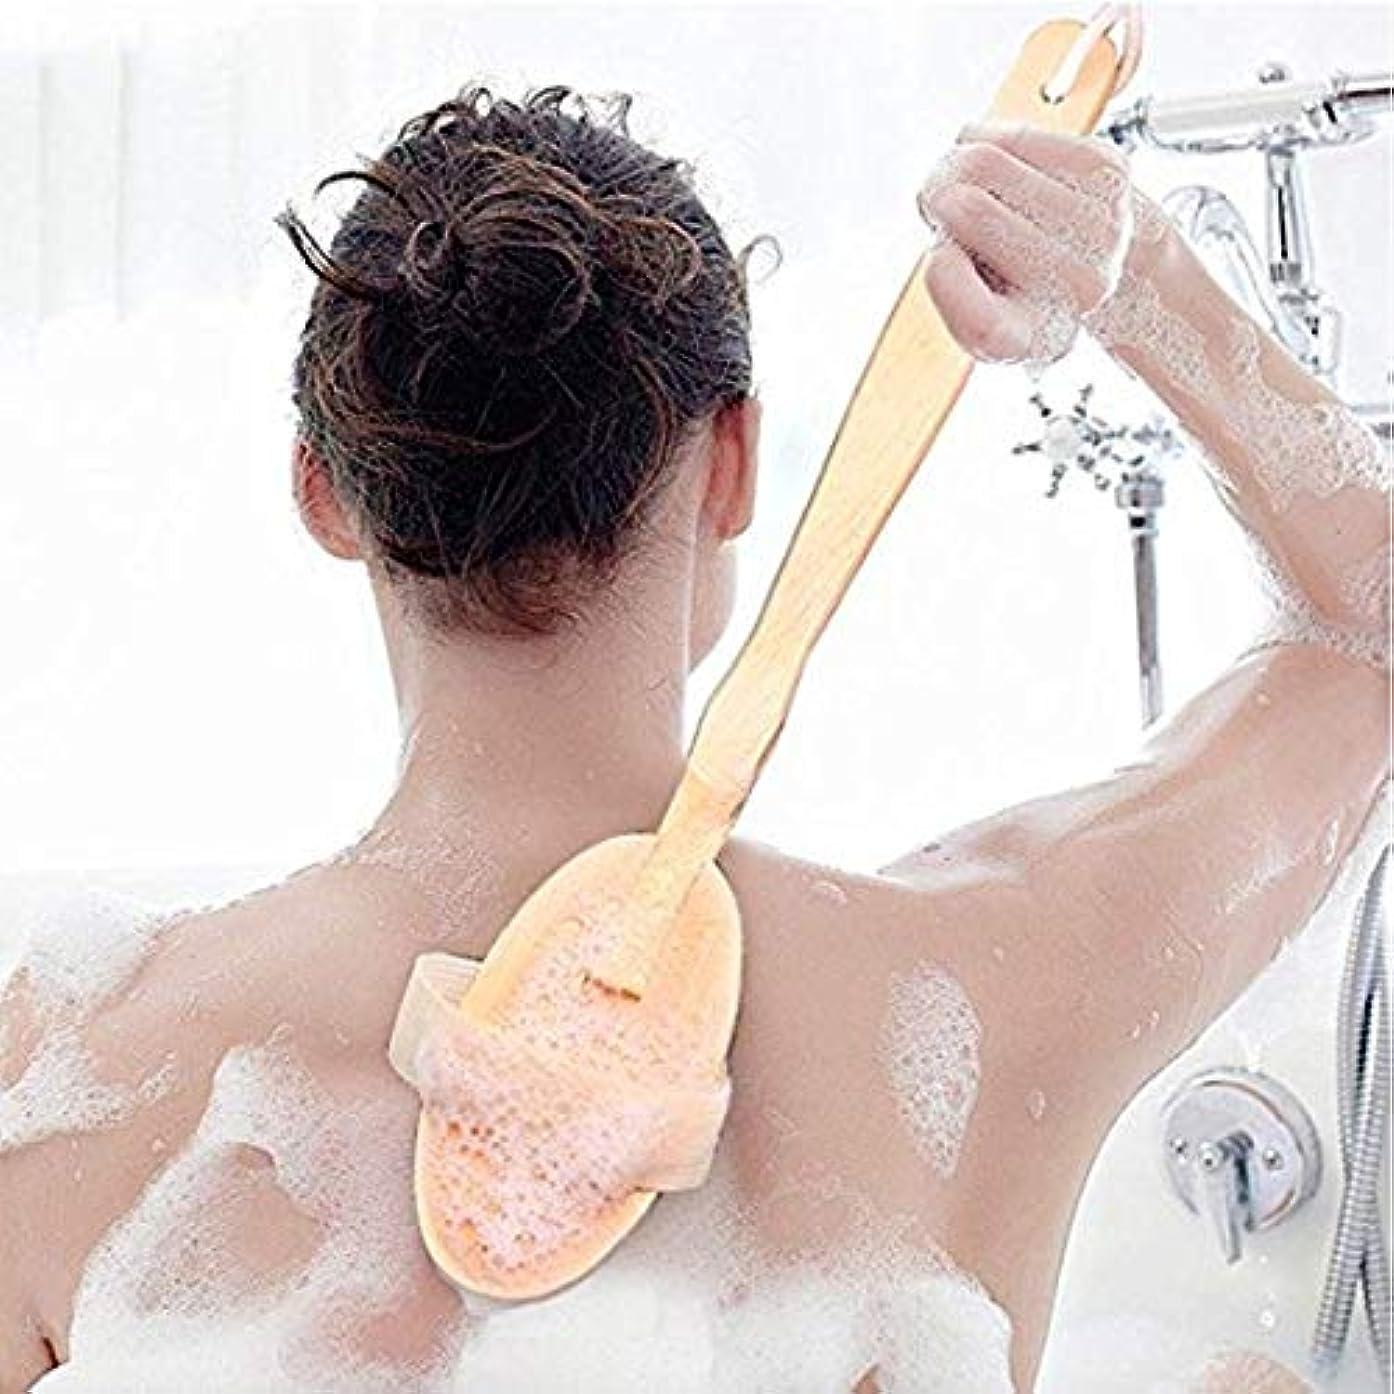 ブルーベル告白するナットicey 木製 長柄 入浴ブラシ お風呂の神器 ブラシ 入浴ブラシ ブタのたらいブラシ 軟毛 背中をこす 背中長柄ボディブラシ高級木製豚毛入浴ブラシ美肌効果むくみ改善